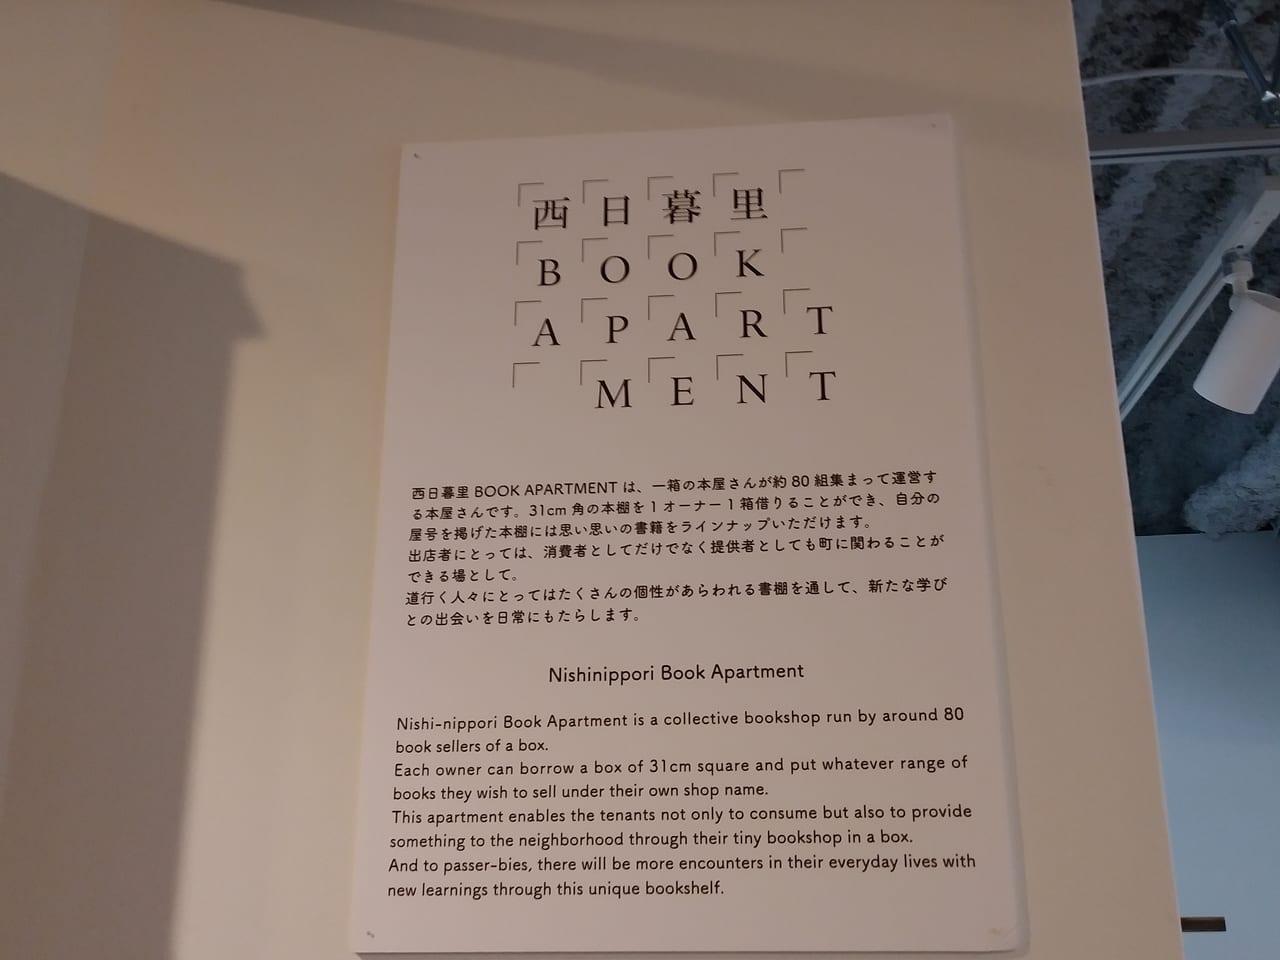 西日暮里ブックアパートメントの説明